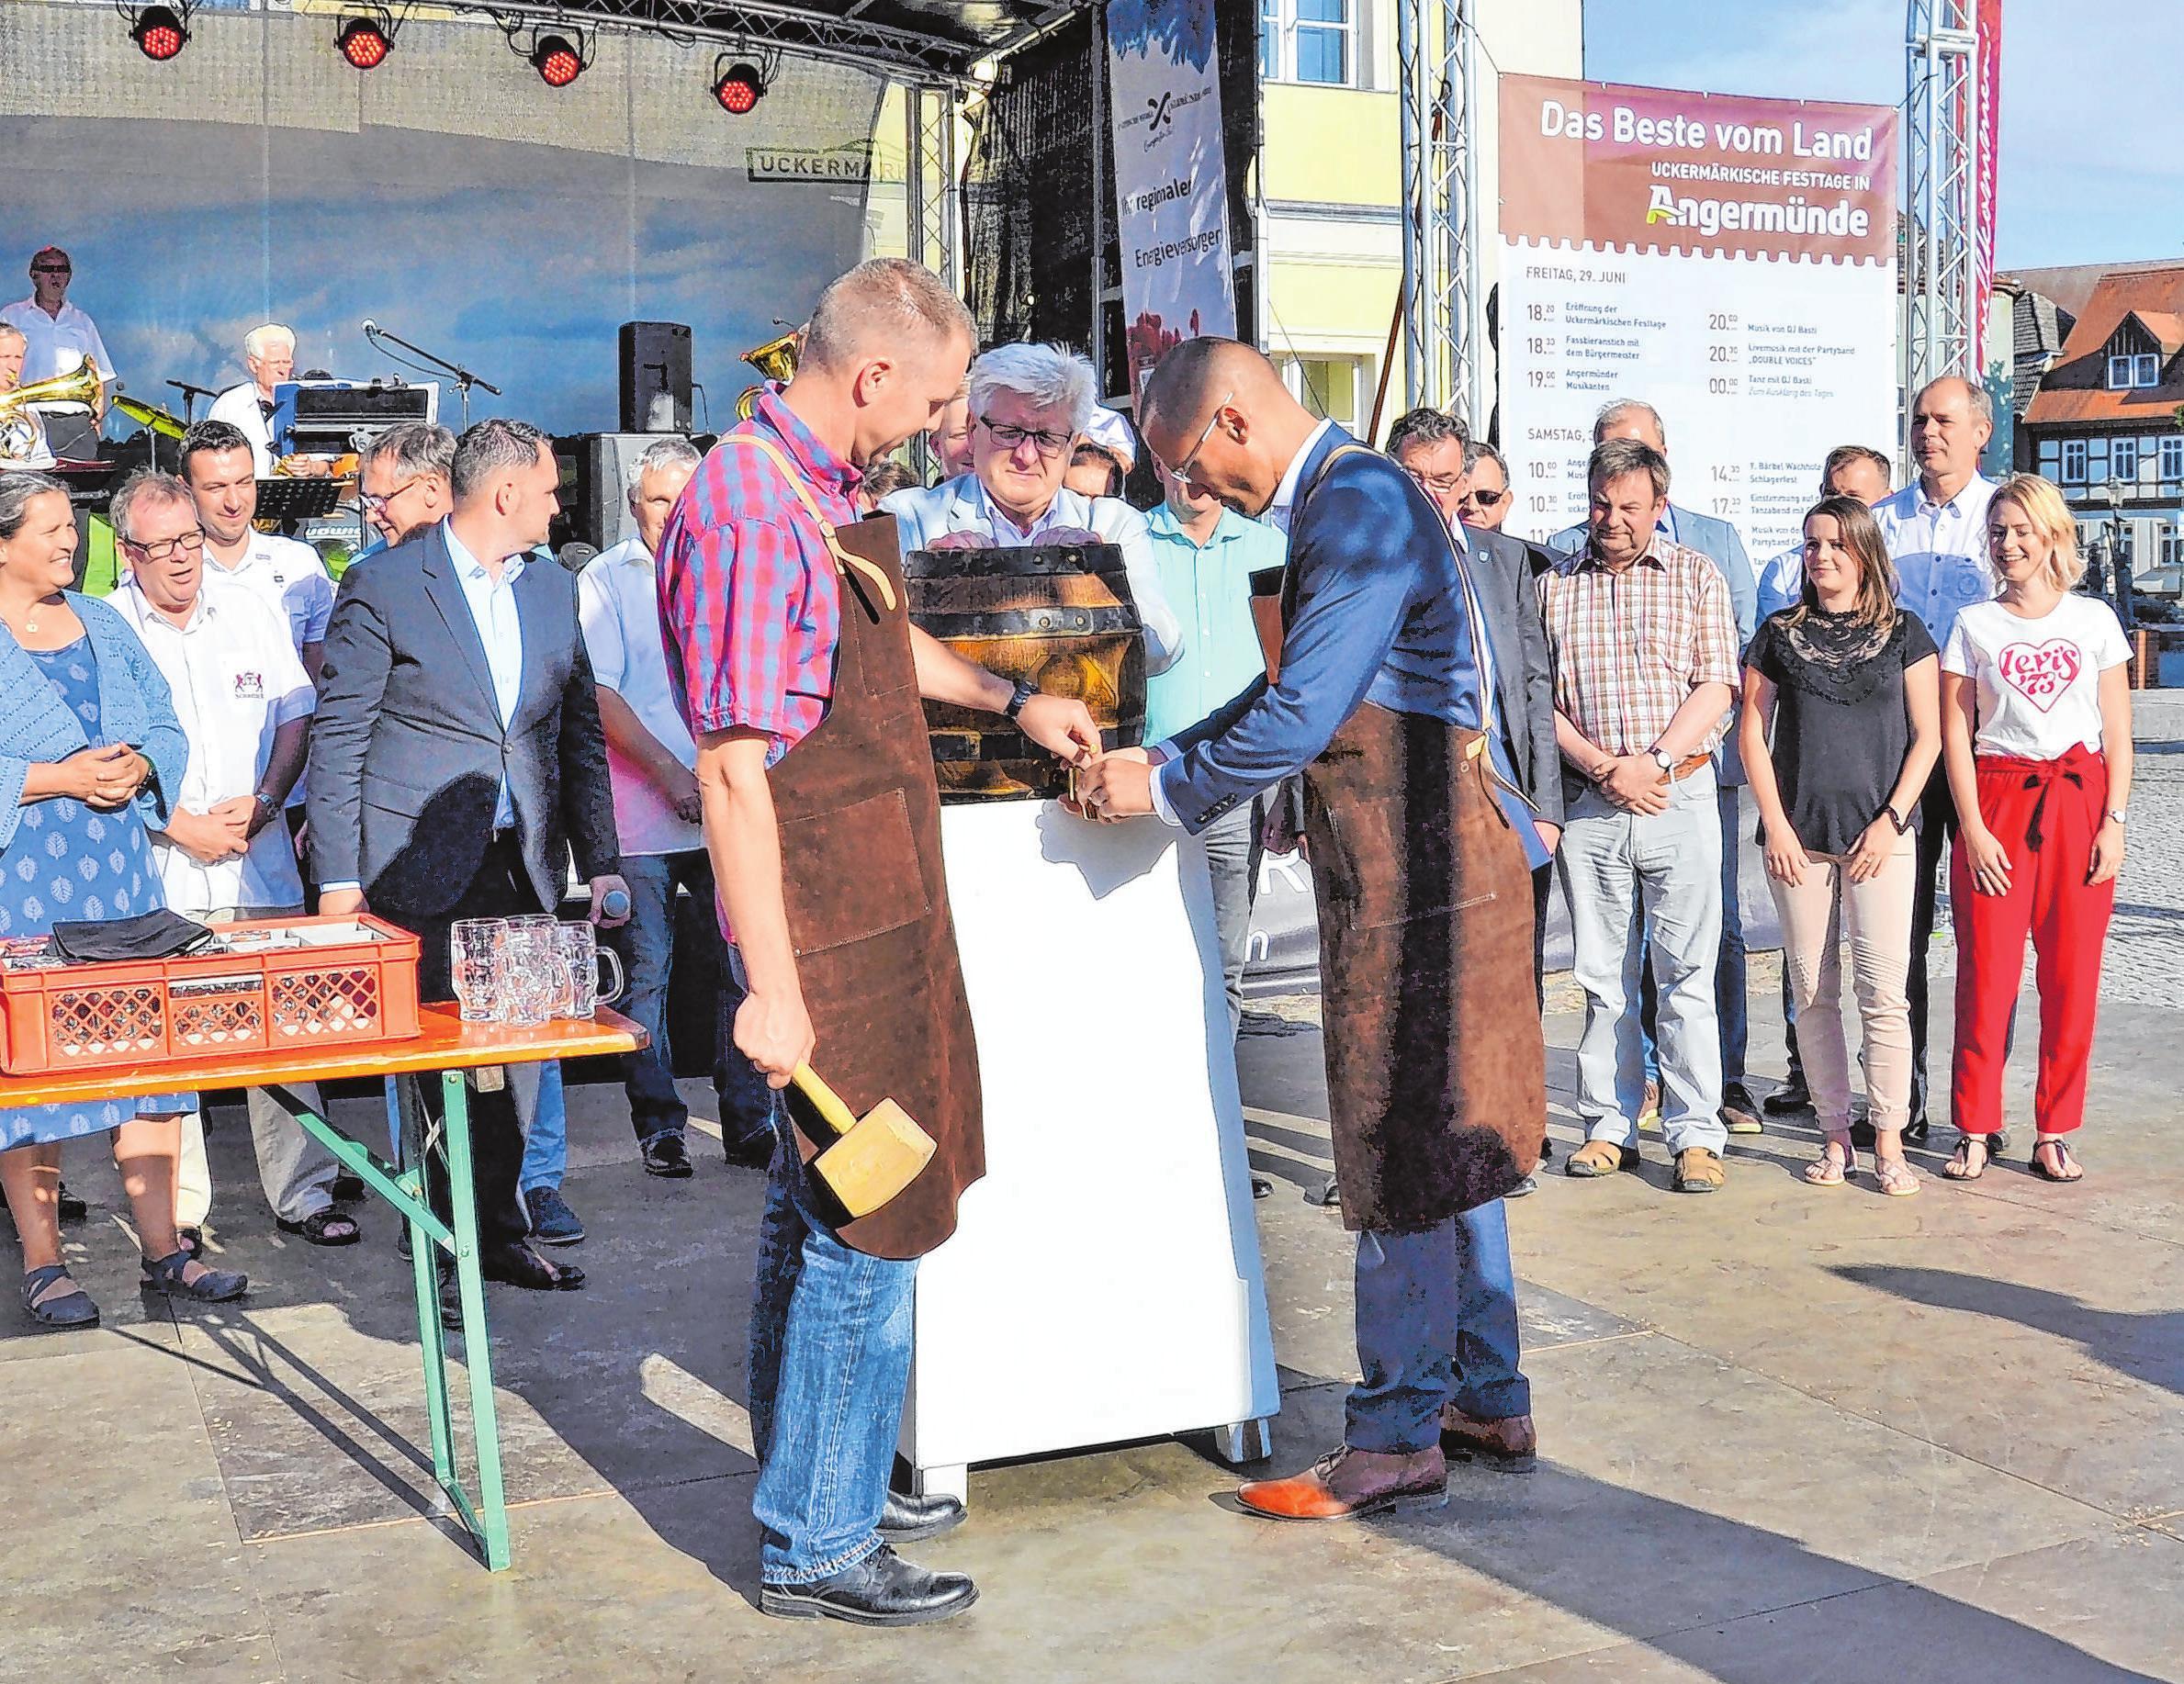 Mit einem Schlag: Dann soll das Bier fließen, wünscht sich wohl Bürgermeister Frederik Bewer, der am Freitagabend den Hammer schwingen wird. Foto: Stadt Angermünde